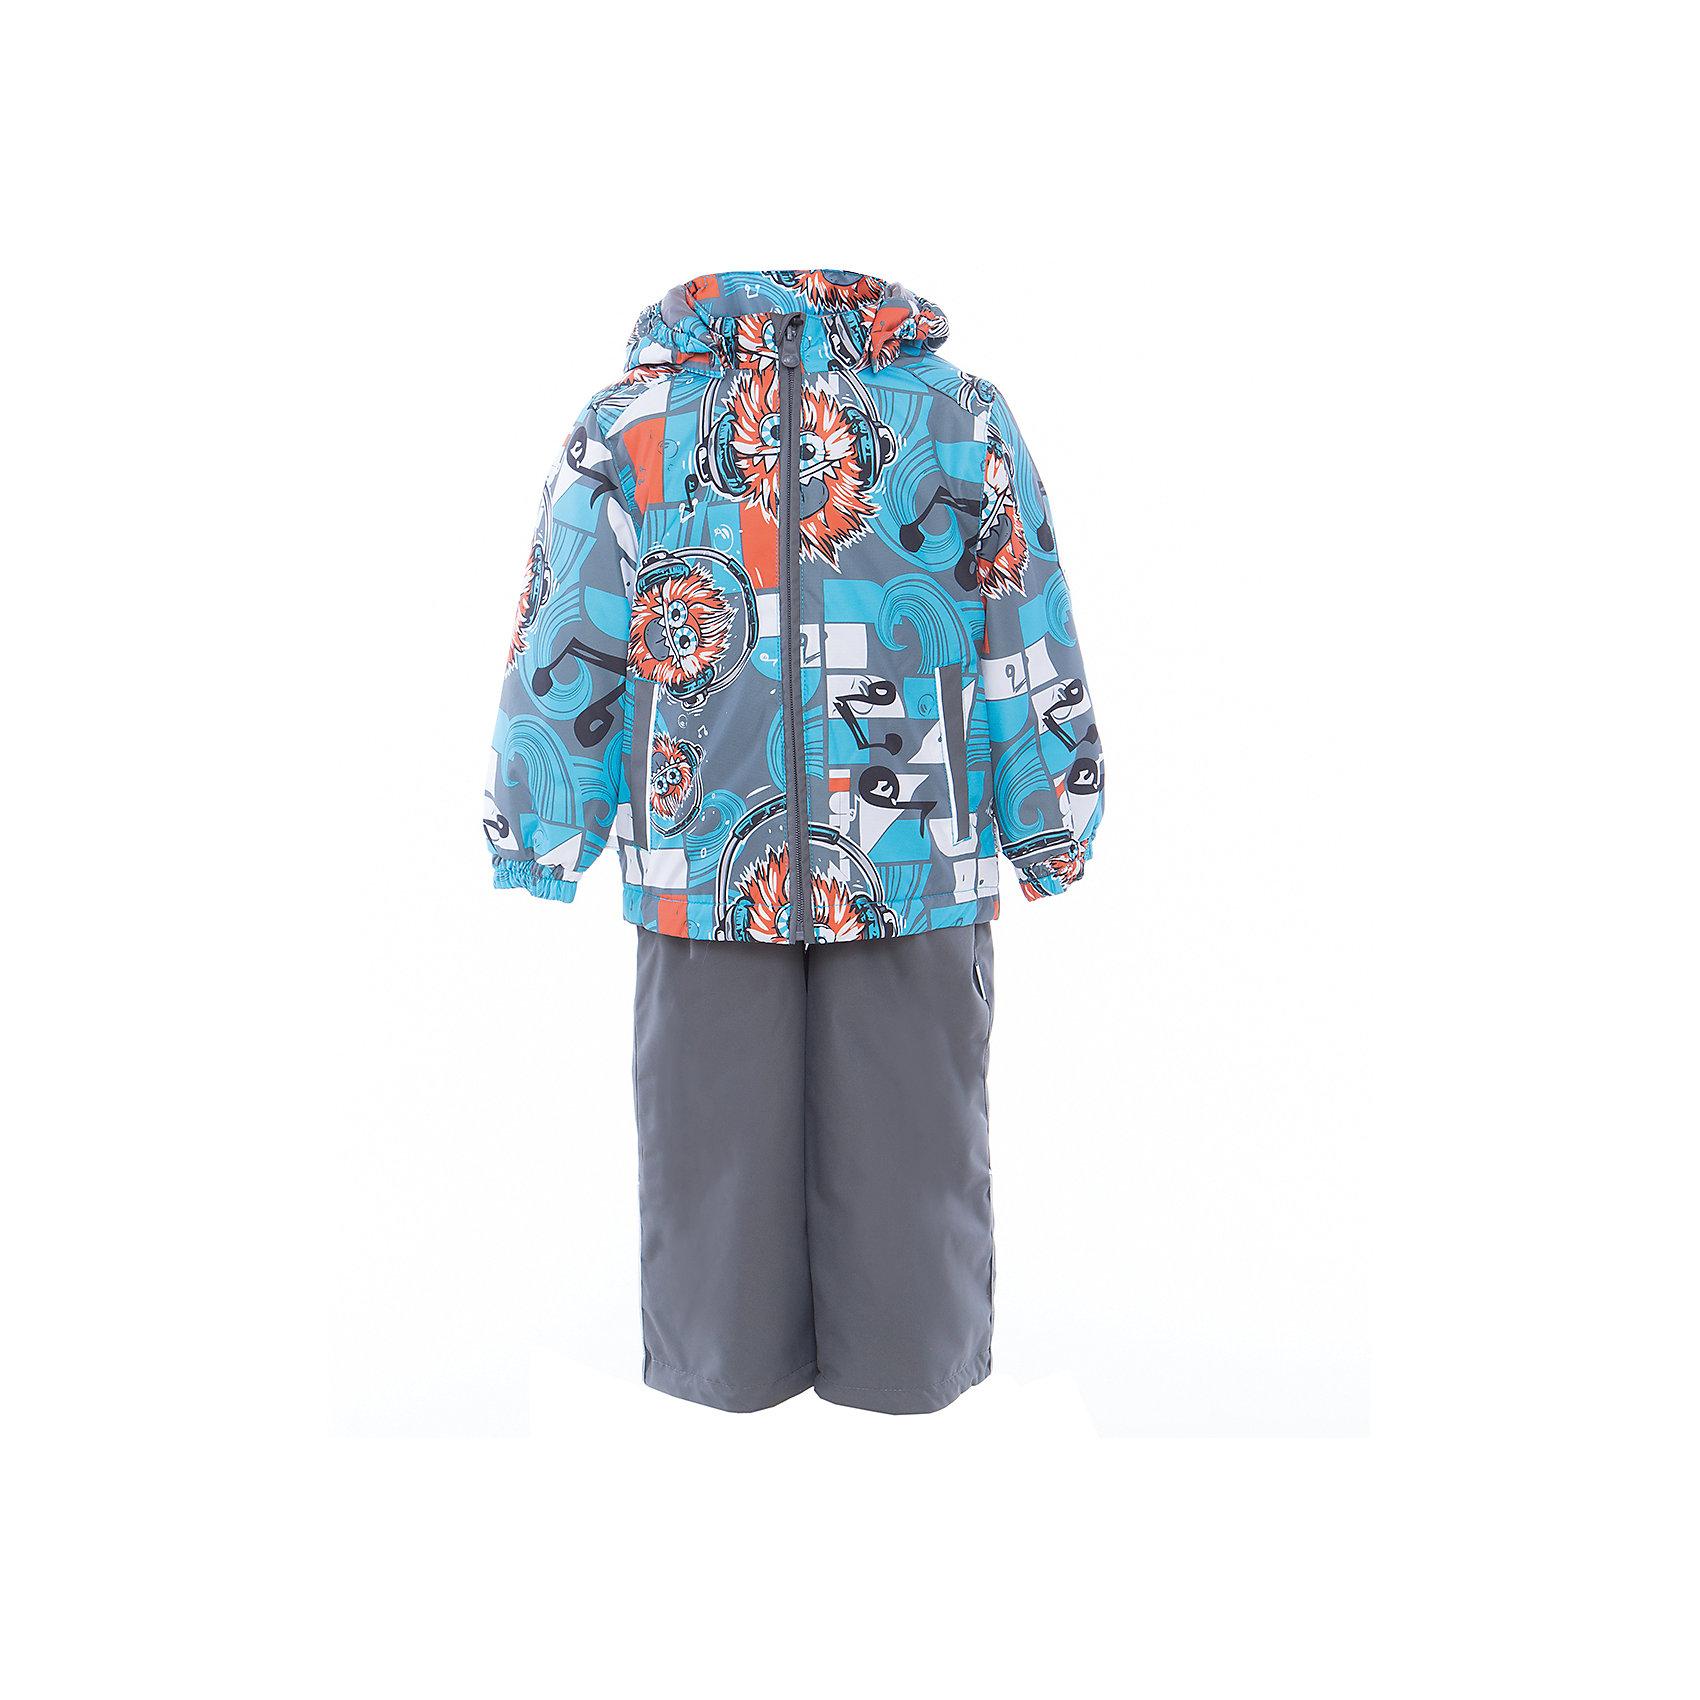 Комплект: куртка и полукомбинезон YOKO для мальчика HuppaХарактеристики товара:<br><br>• цвет: голубой принт/серый<br>• комплектация: куртка и полукомбинезон <br>• ткань: 100% полиэстер<br>• подкладка: тафта - 100% полиэстер<br>• утеплитель: в куртке и в брюках - 100% полиэстер 100 г<br>• температурный режим: от -5°С до +10°С<br>• водонепроницаемость: 10000 мм<br>• воздухопроницаемость: 10000 мм<br>• светоотражающие детали<br>• шов сидения проклеен<br>• эластичный шнур по низу куртки<br>• эластичный шнур с фиксатором внизу брючин<br>• съёмный капюшон с резинкой<br>• эластичные манжеты рукавов<br>• регулируемые низы брючин<br>• без внутренних швов<br>• резиновые подтяжки<br>• коллекция: весна-лето 2017<br>• страна бренда: Эстония<br><br>Такой модный демисезонный комплект  обеспечит детям тепло и комфорт. Он сделан из материала, отталкивающего воду, и дополнен подкладкой с утеплителем, поэтому изделие идеально подходит для межсезонья. Материал изделий - с мембранной технологией: защищая от влаги и ветра, он легко выводит лишнюю влагу наружу. Комплект очень симпатично смотрится. <br><br>Одежда и обувь от популярного эстонского бренда Huppa - отличный вариант одеть ребенка можно и комфортно. Вещи, выпускаемые компанией, качественные, продуманные и очень удобные. Для производства изделий используются только безопасные для детей материалы. Продукция от Huppa порадует и детей, и их родителей!<br><br>Комплект: куртка и полукомбинезон YOKO от бренда Huppa (Хуппа) можно купить в нашем интернет-магазине.<br><br>Ширина мм: 356<br>Глубина мм: 10<br>Высота мм: 245<br>Вес г: 519<br>Цвет: голубой<br>Возраст от месяцев: 72<br>Возраст до месяцев: 84<br>Пол: Мужской<br>Возраст: Детский<br>Размер: 122,92,98,104,110,116<br>SKU: 5346732